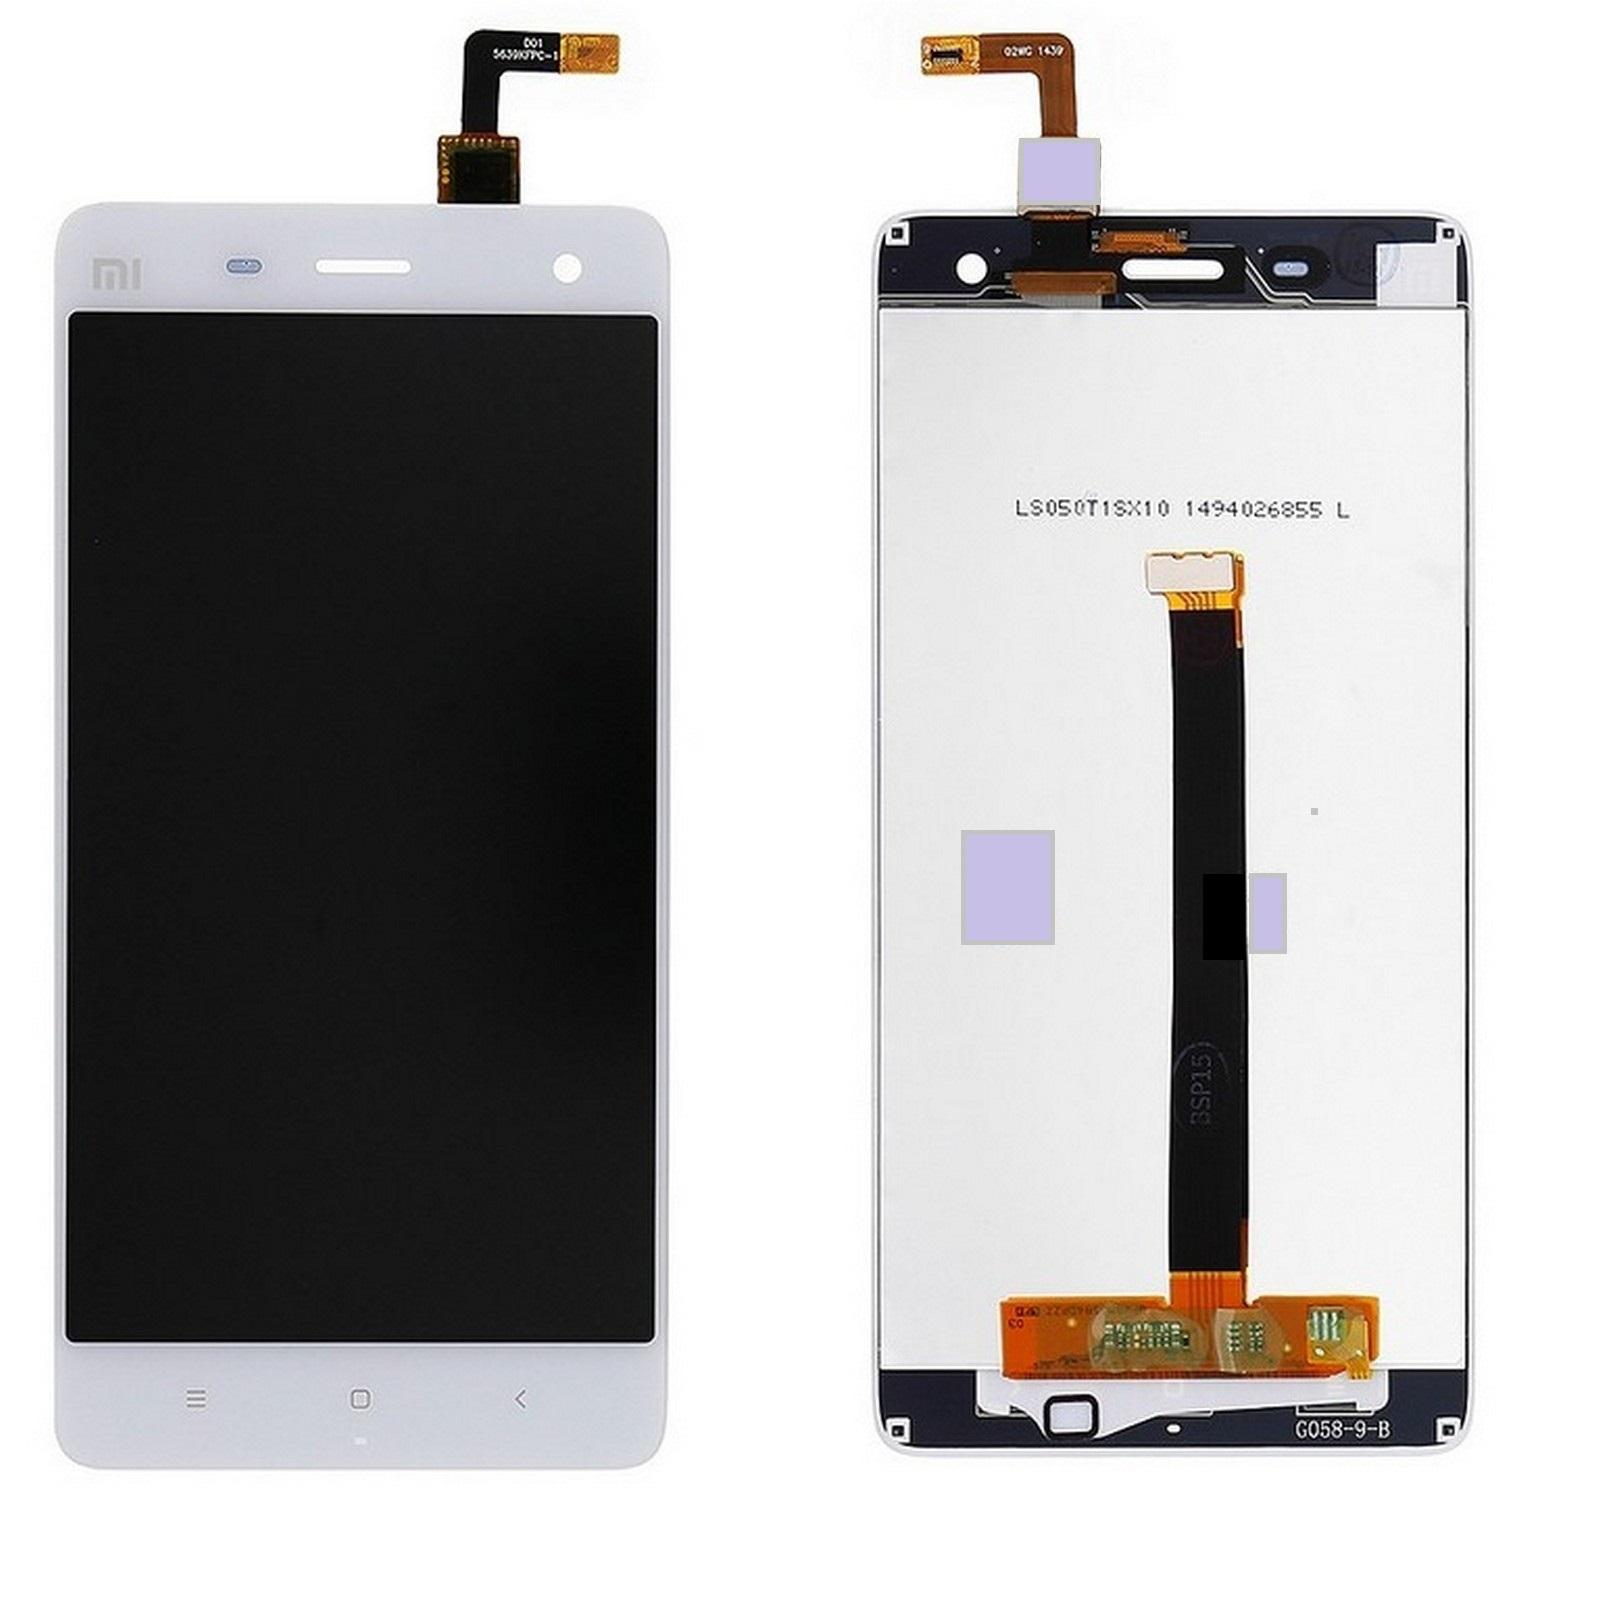 ΟΘΟΝΗ LCD ΓΙΑ XIAOMI MI 4 WHITE